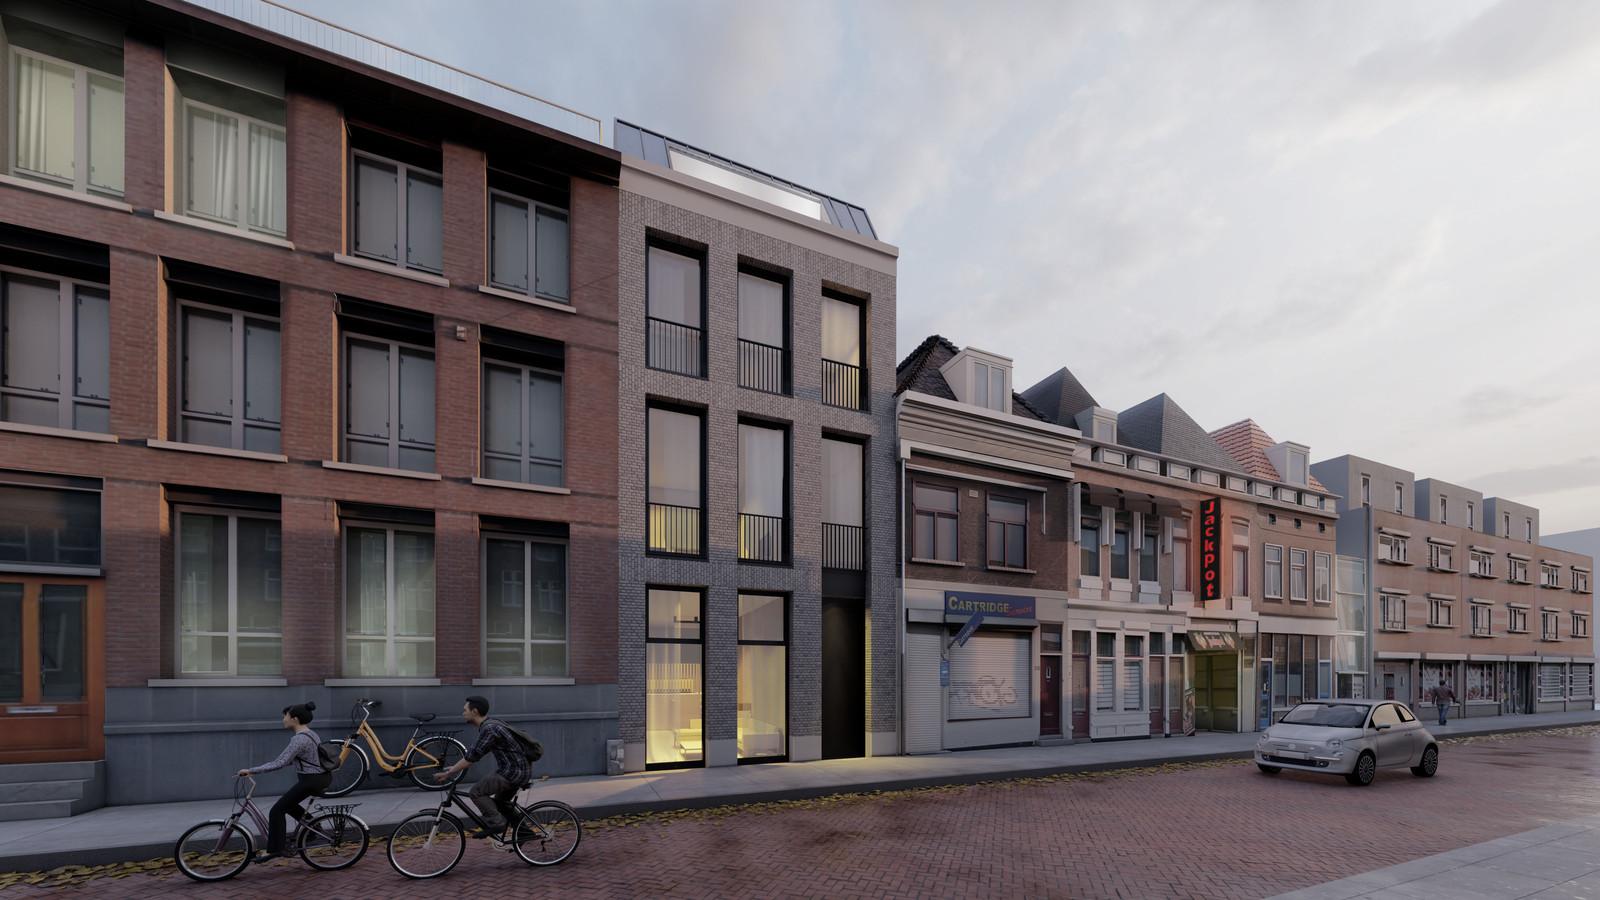 Een impressie van de woningbouwplannen van architectenbureau Studioschaeffer voor het pand aan de Vrieseweg 22 in Dordrecht.